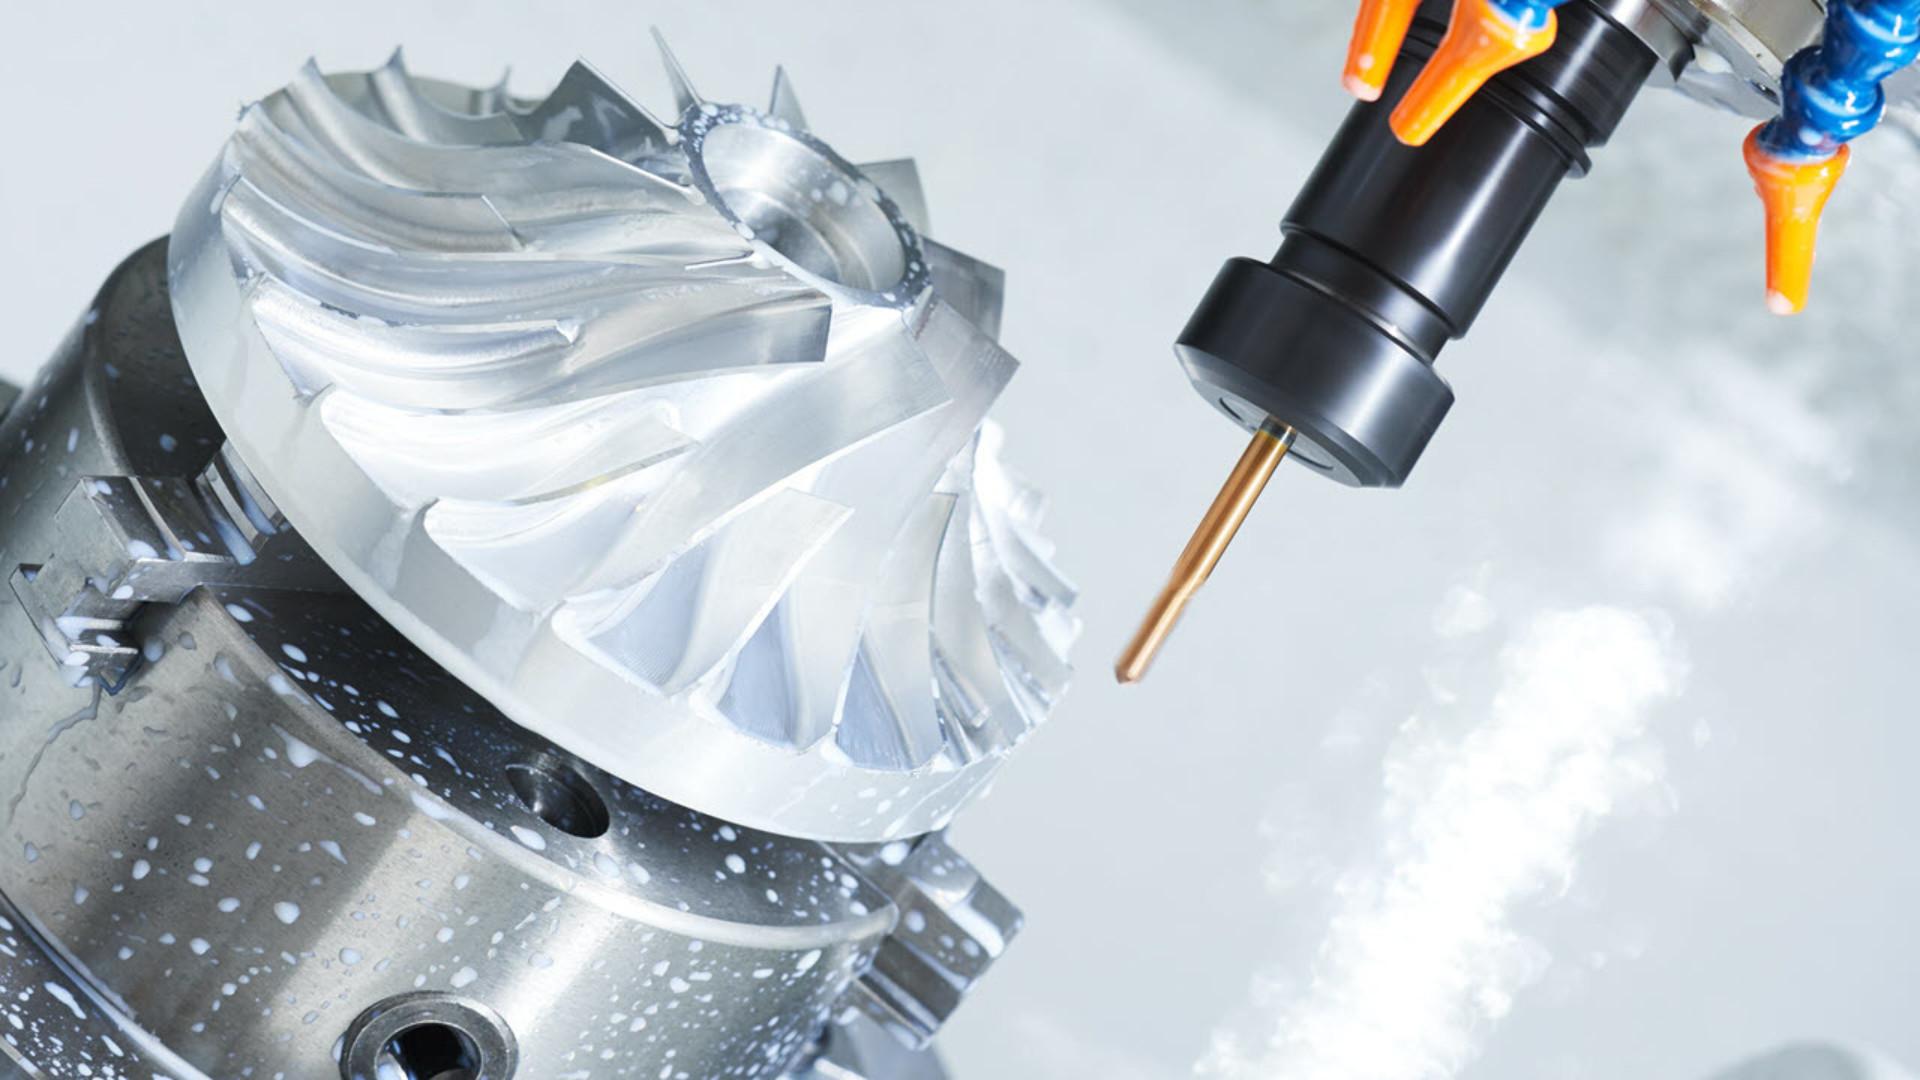 Maschinenbau 1280